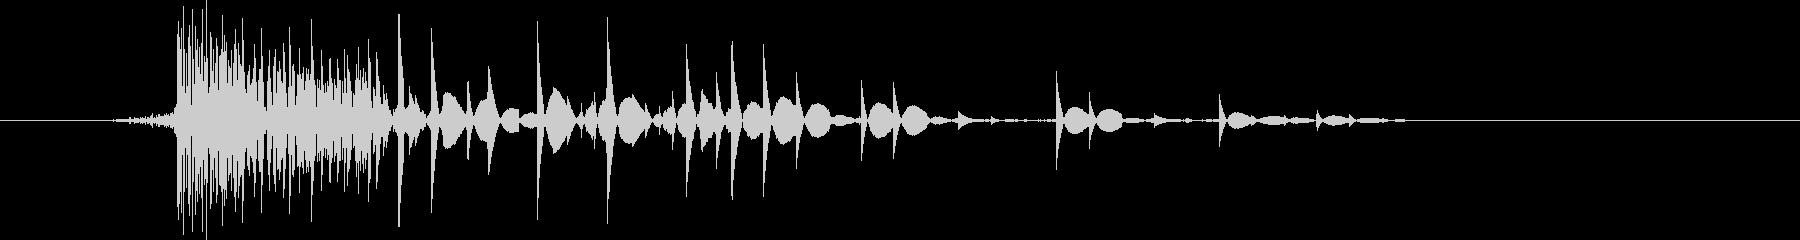 ゲーム(ファミコン風)爆発音_042の未再生の波形